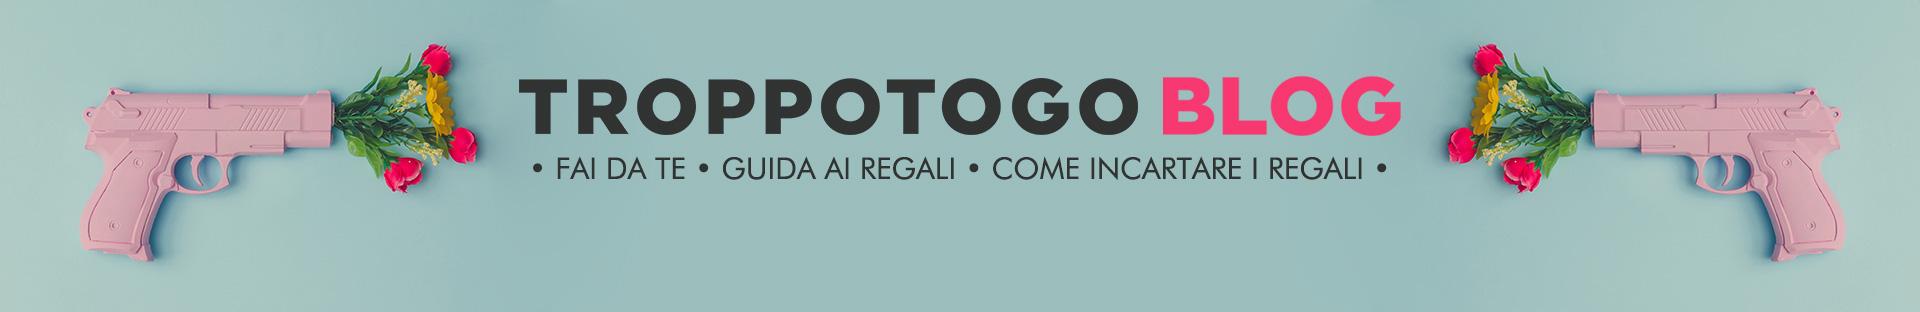 Troppotogo Blog